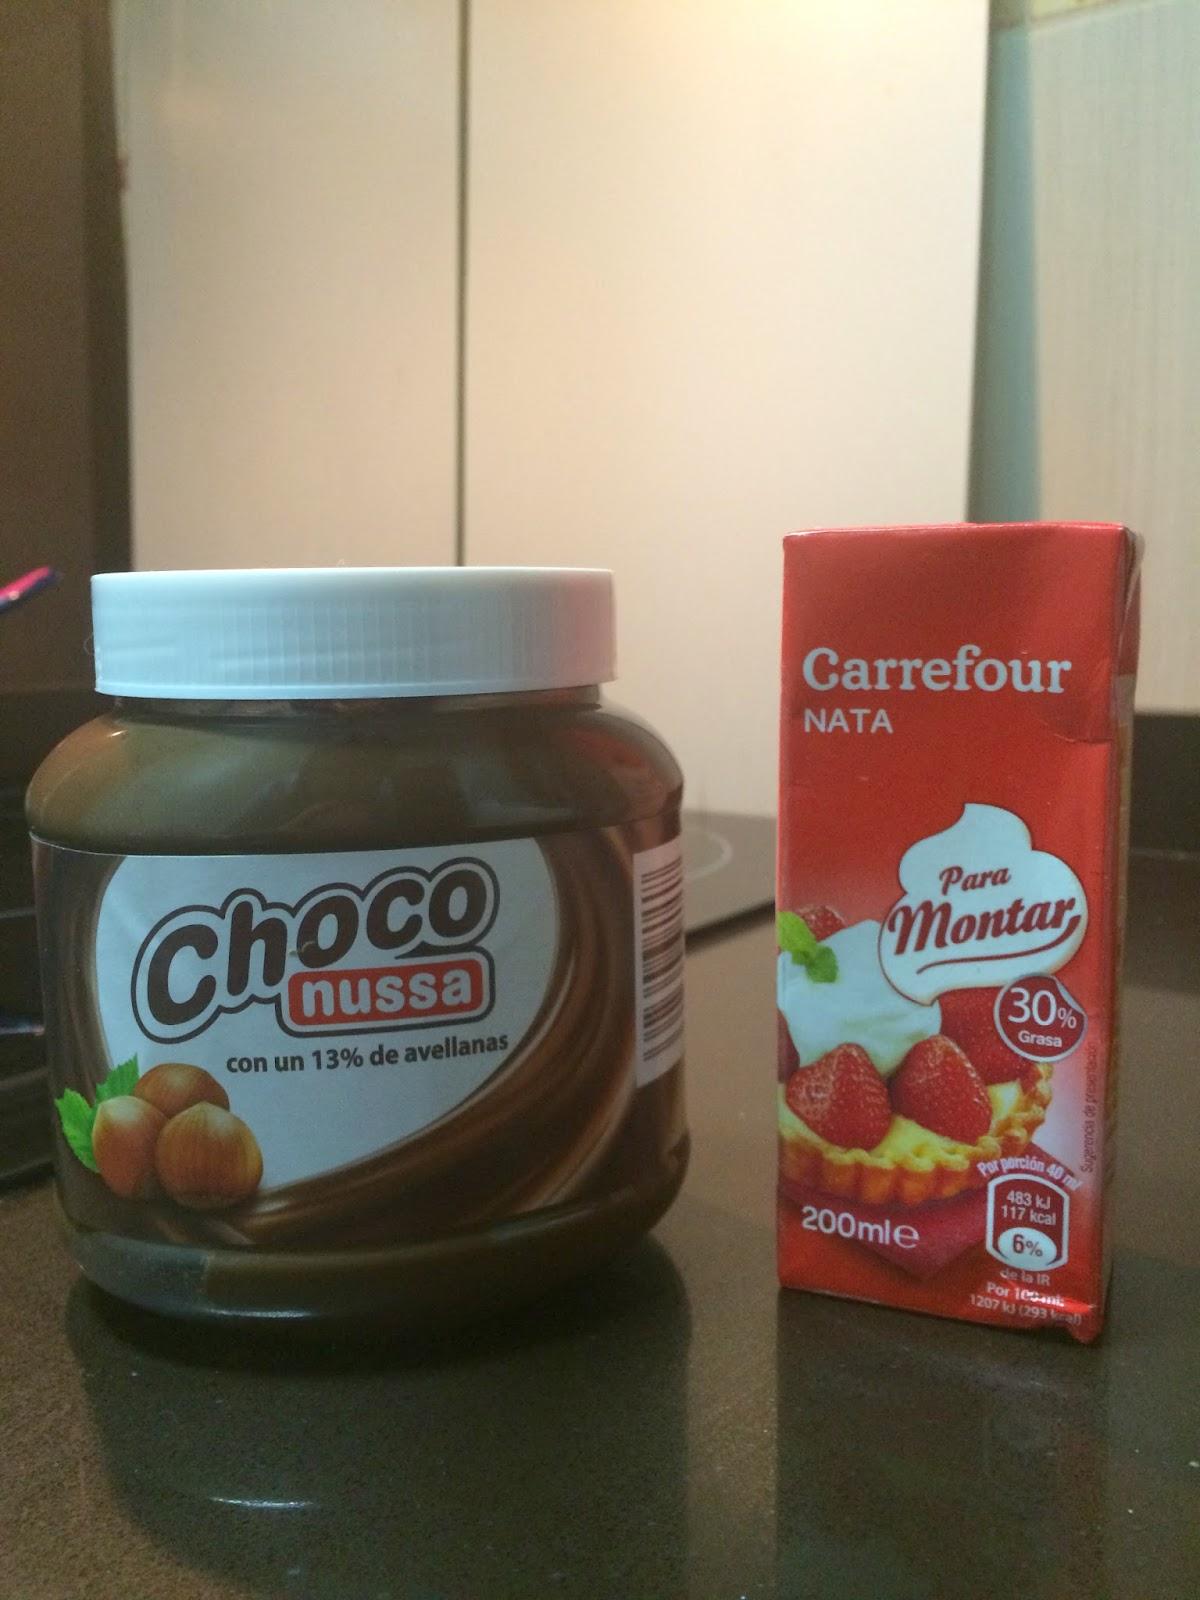 Ganache de nutella